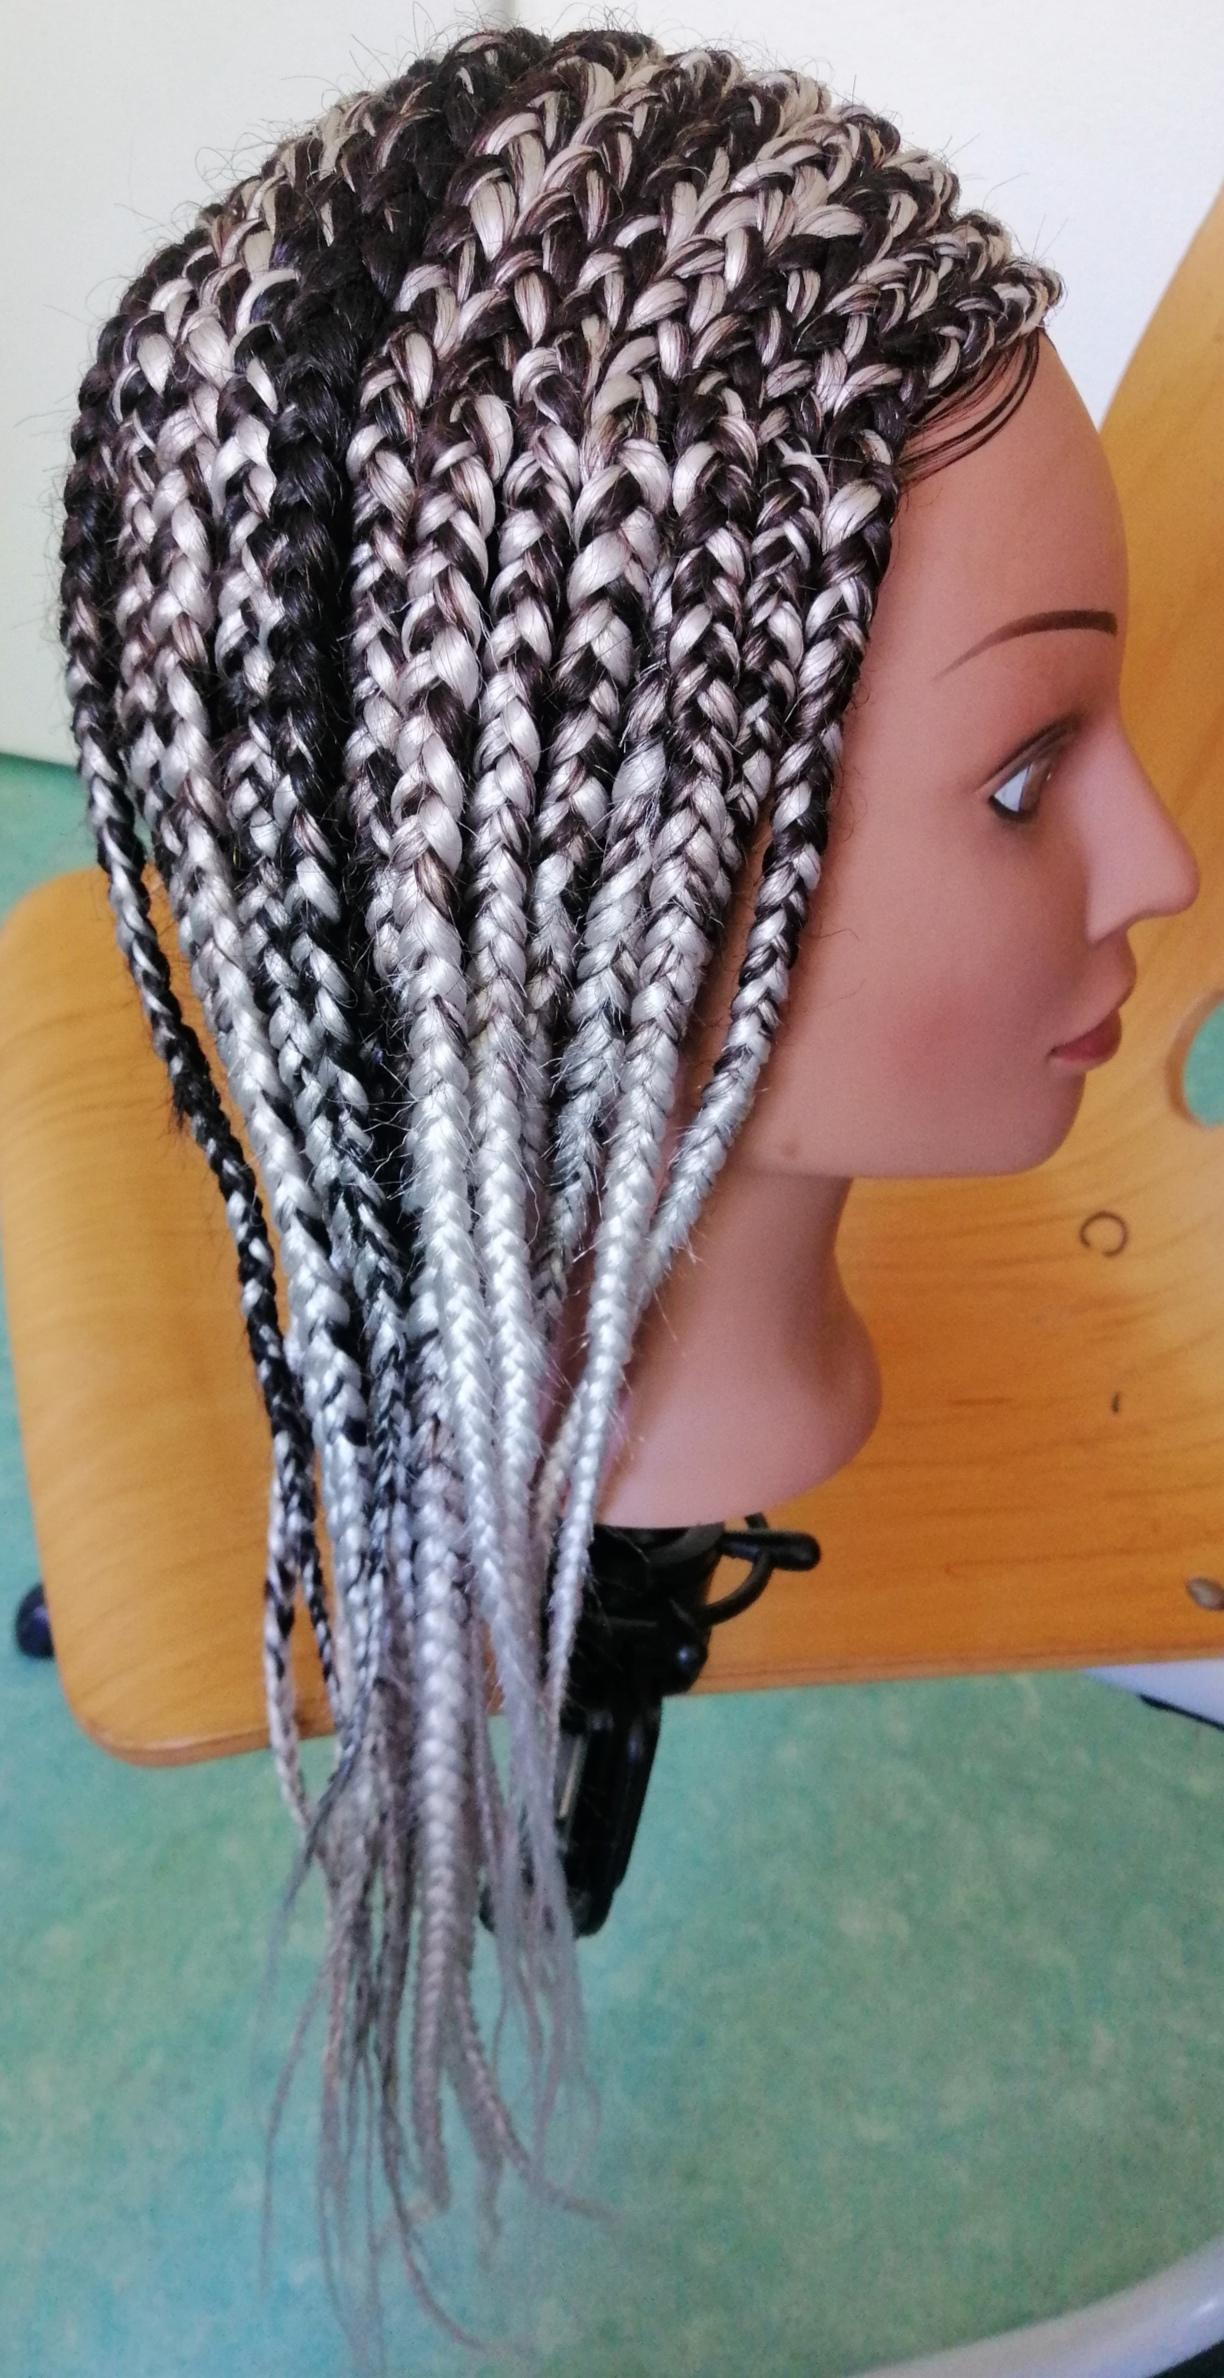 salon de coiffure afro tresse tresses box braids crochet braids vanilles tissages paris 75 77 78 91 92 93 94 95 YGNJHSBS